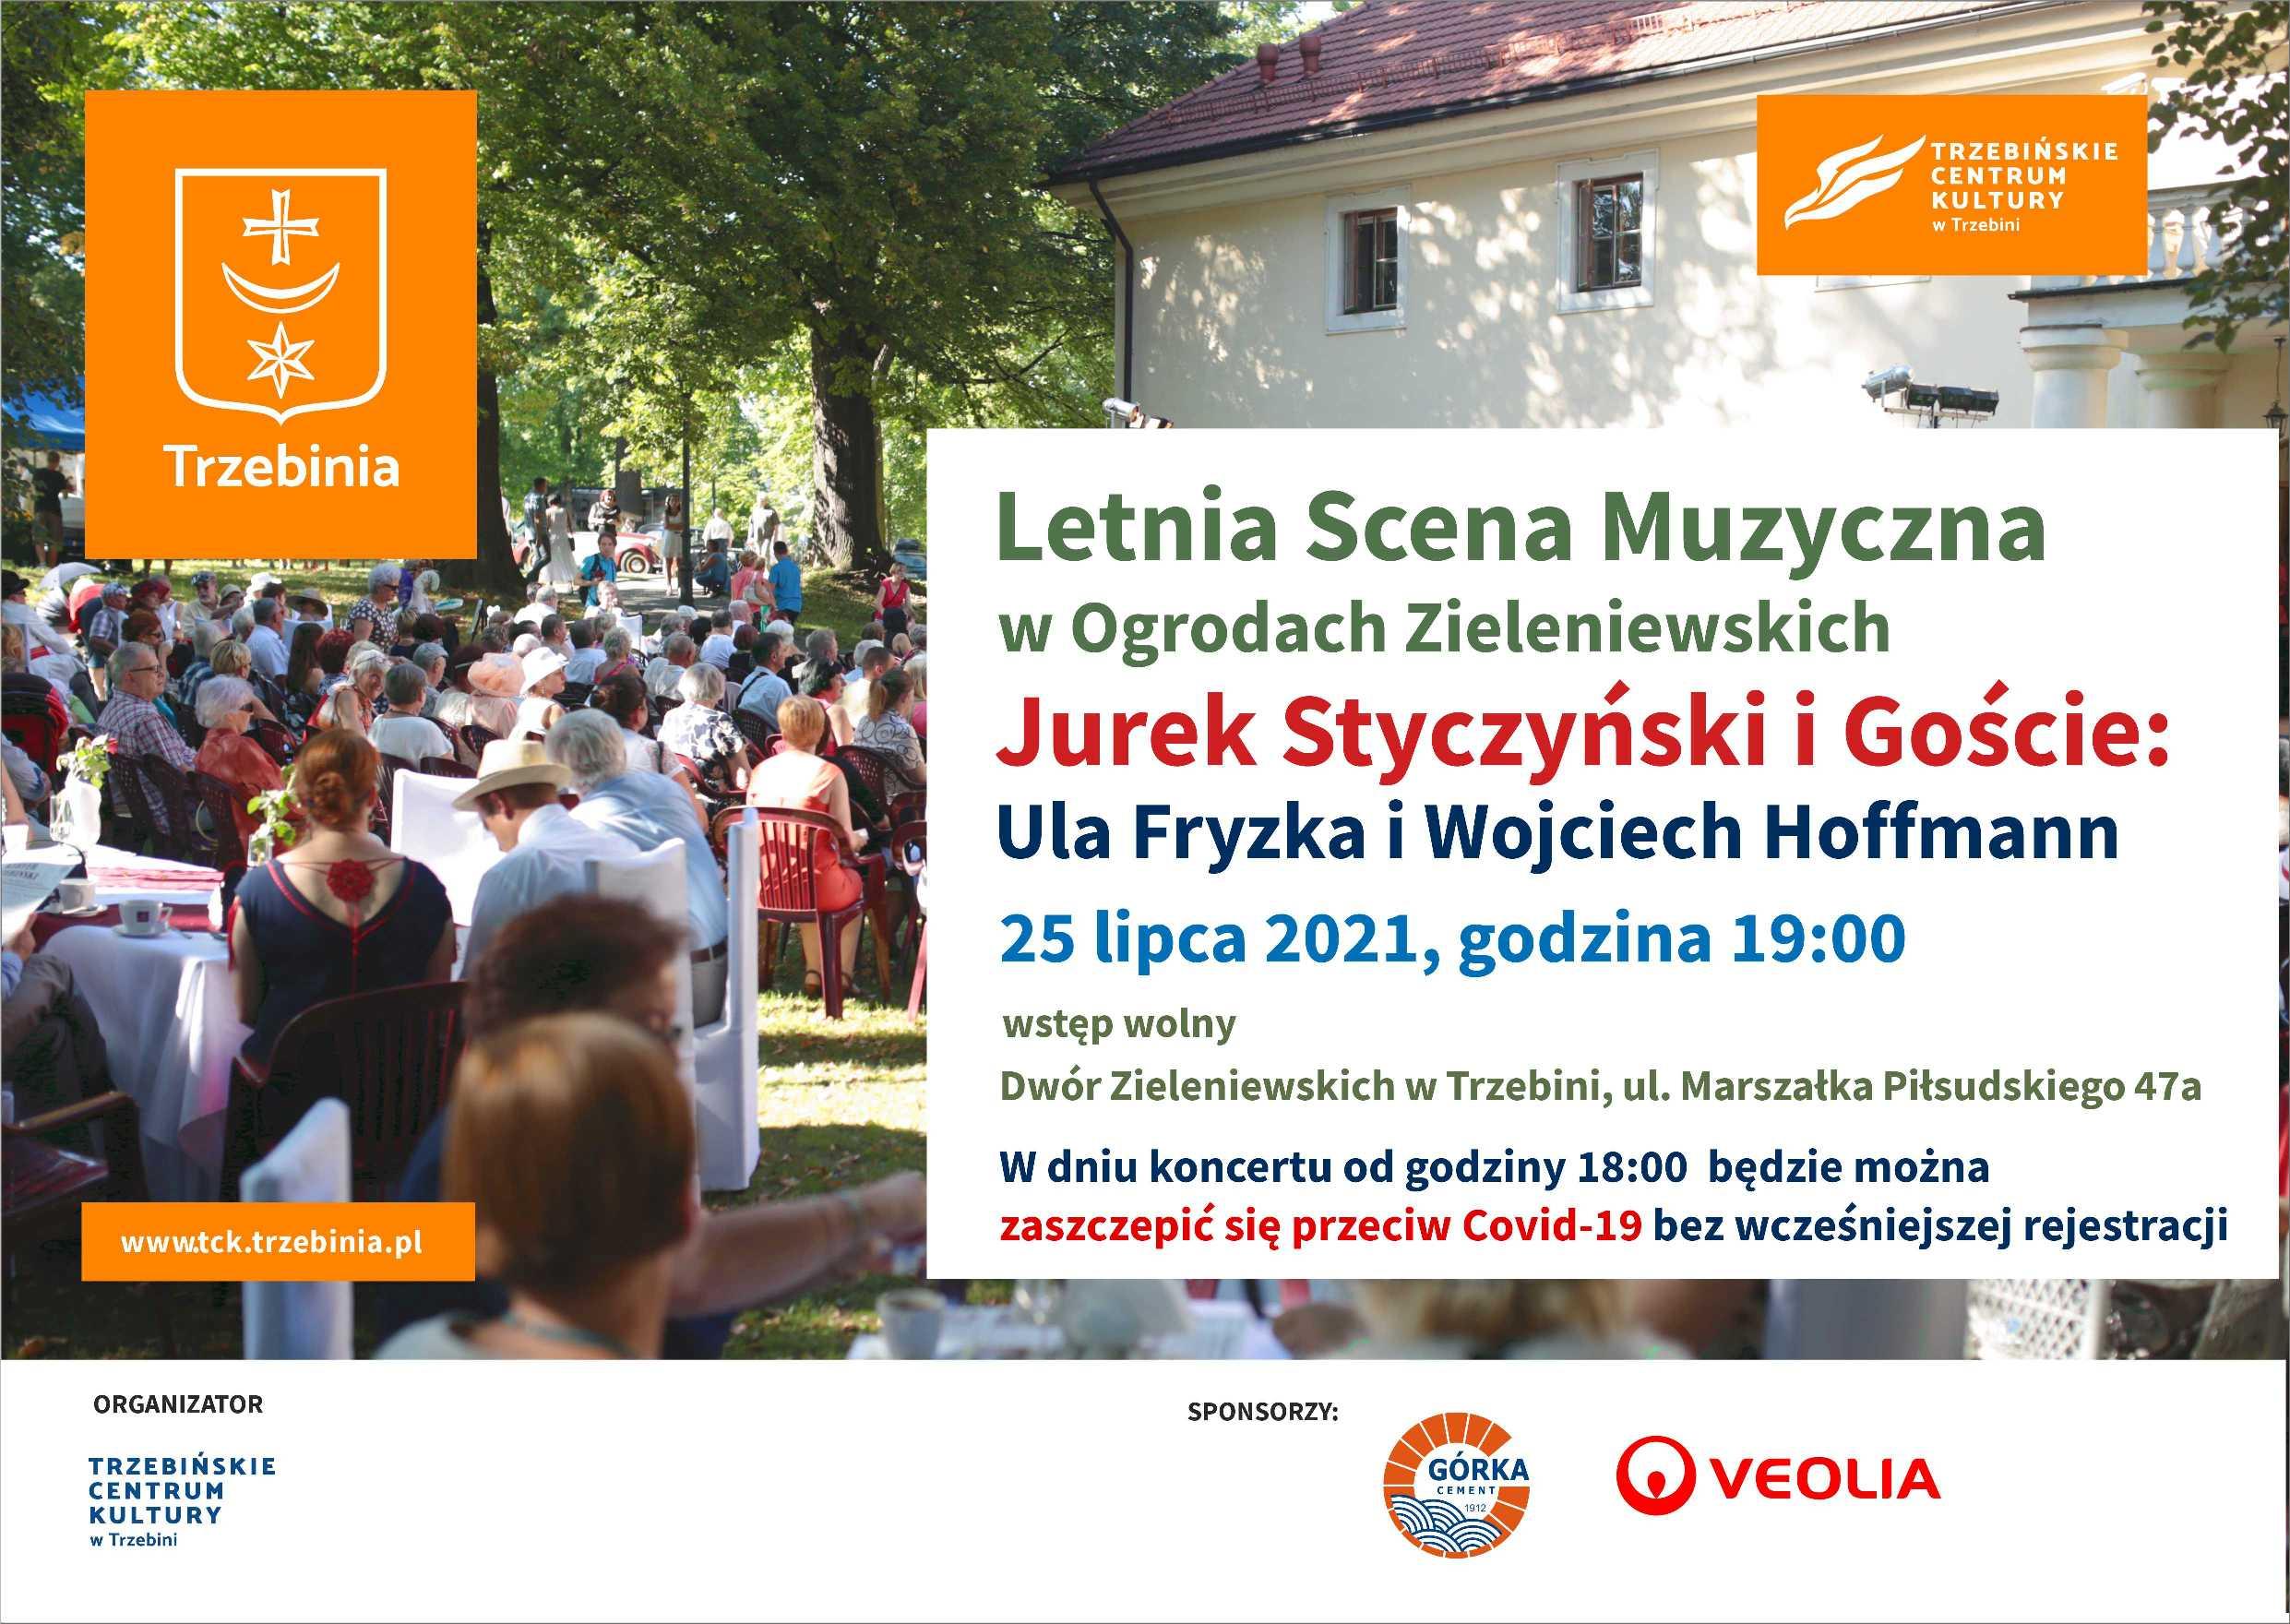 Letnia Scena Muzyczna - Jurek Styczyński i Goście (szczepimy także przeciw Covid-19)